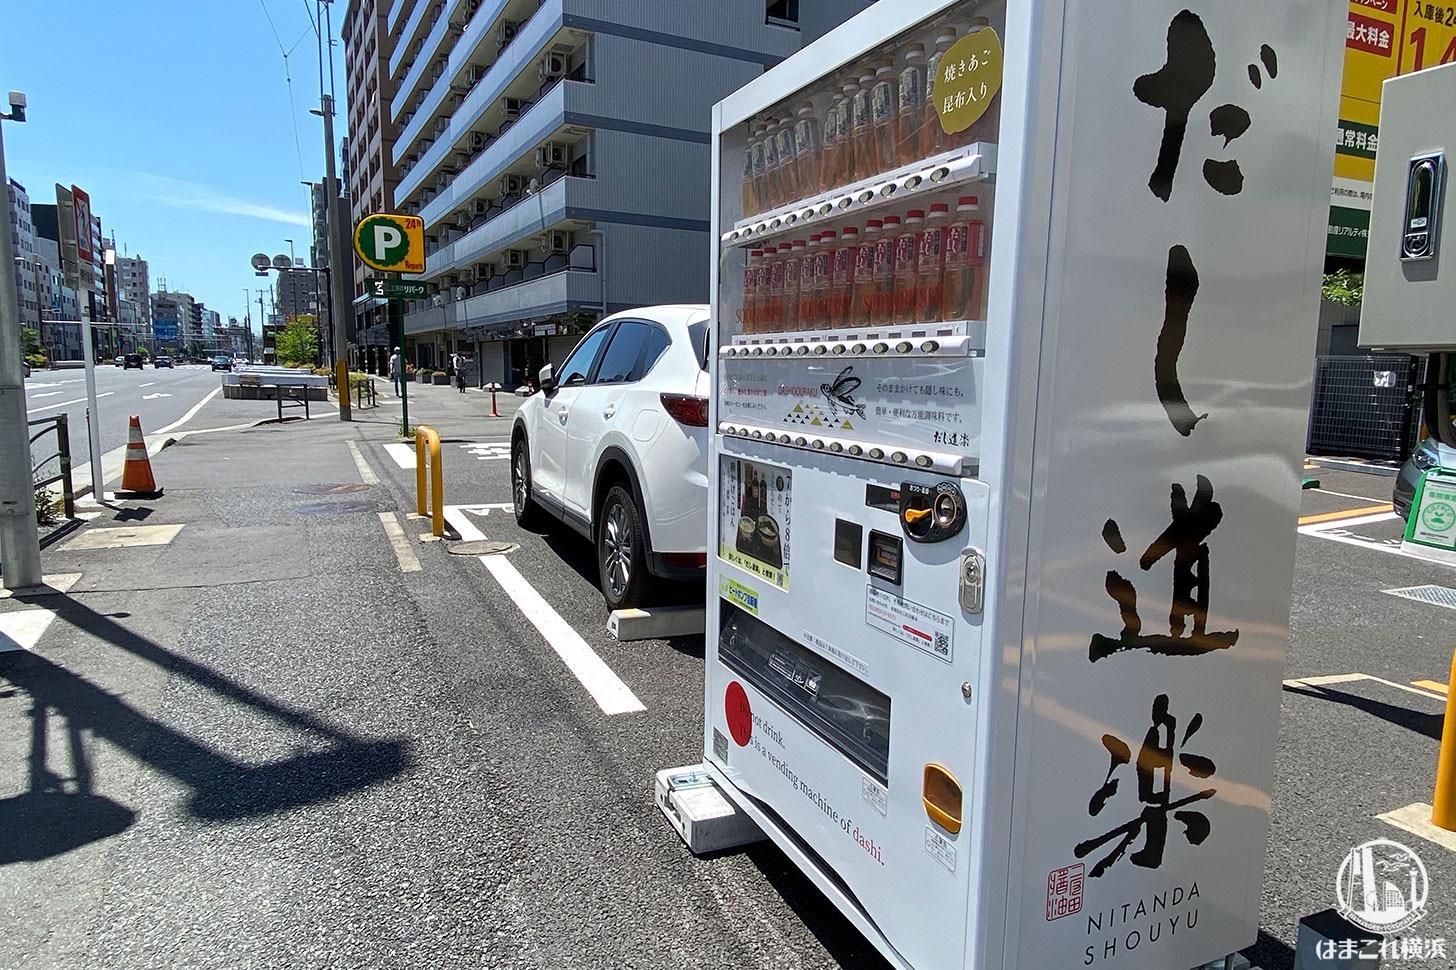 三井のリパーク「横浜中央1丁目第2」だし道楽 自販機